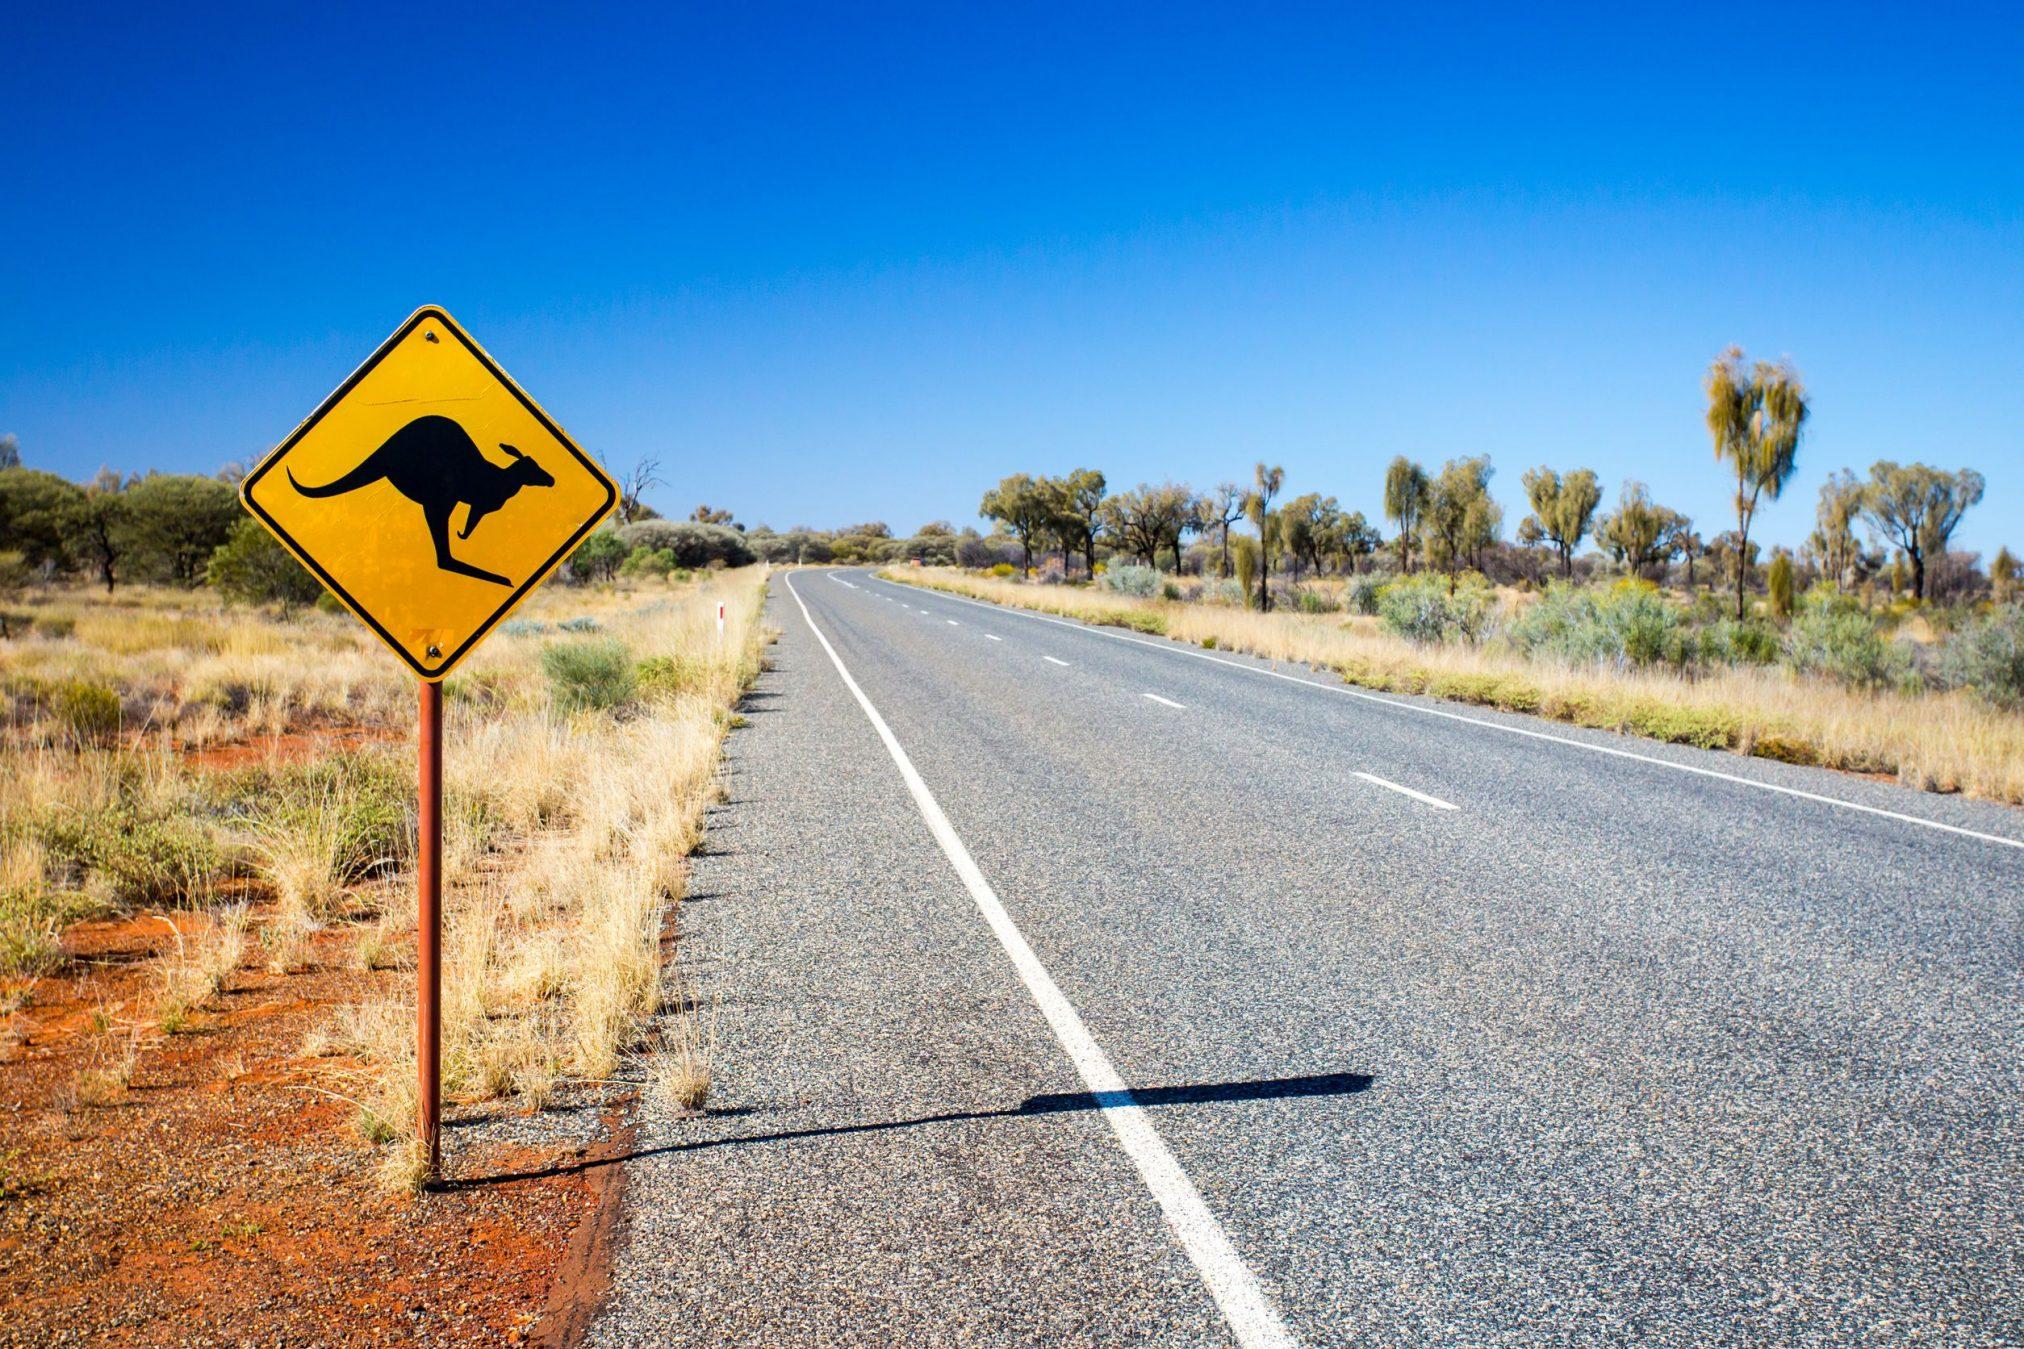 43357898 - an iconic warning road sign for kangaroos near uluru in northern territory, australia